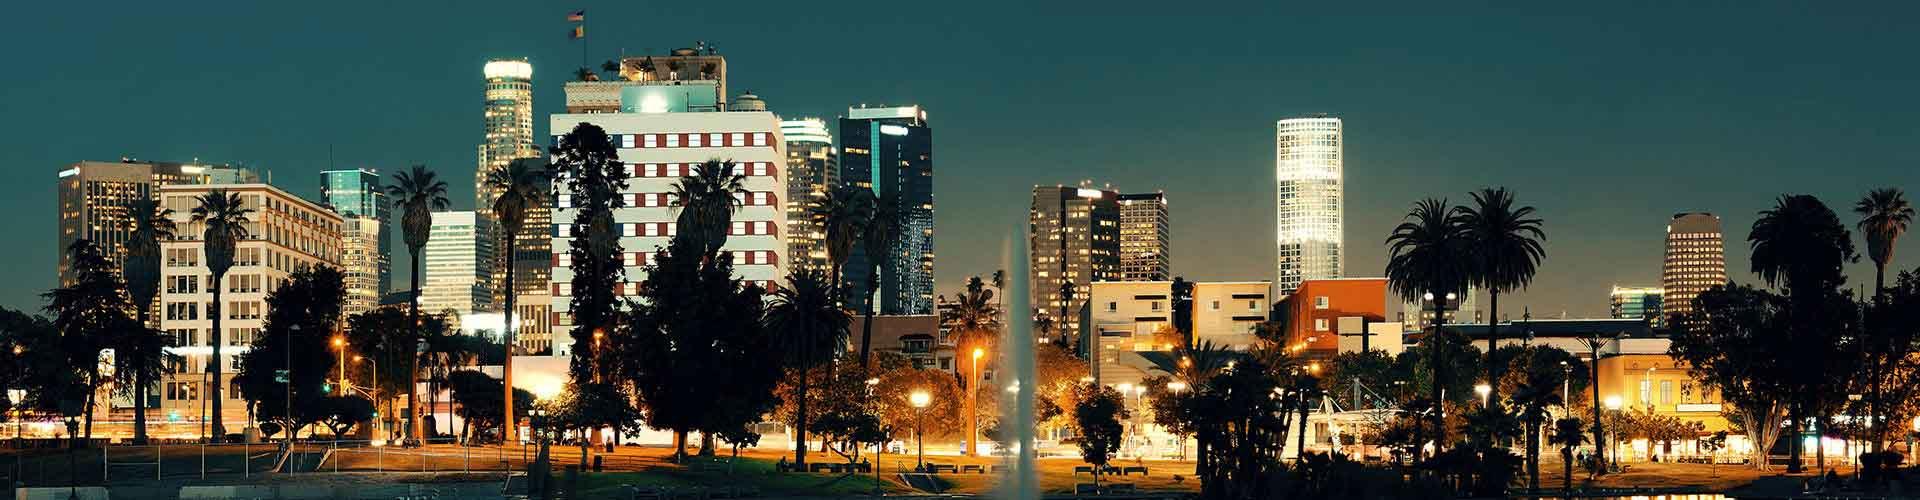 Los Angeles - Apartments nahe Union Station. Los Angeles auf der Karte. Fotos und Bewertungen für jedes Apartment in Los Angeles.